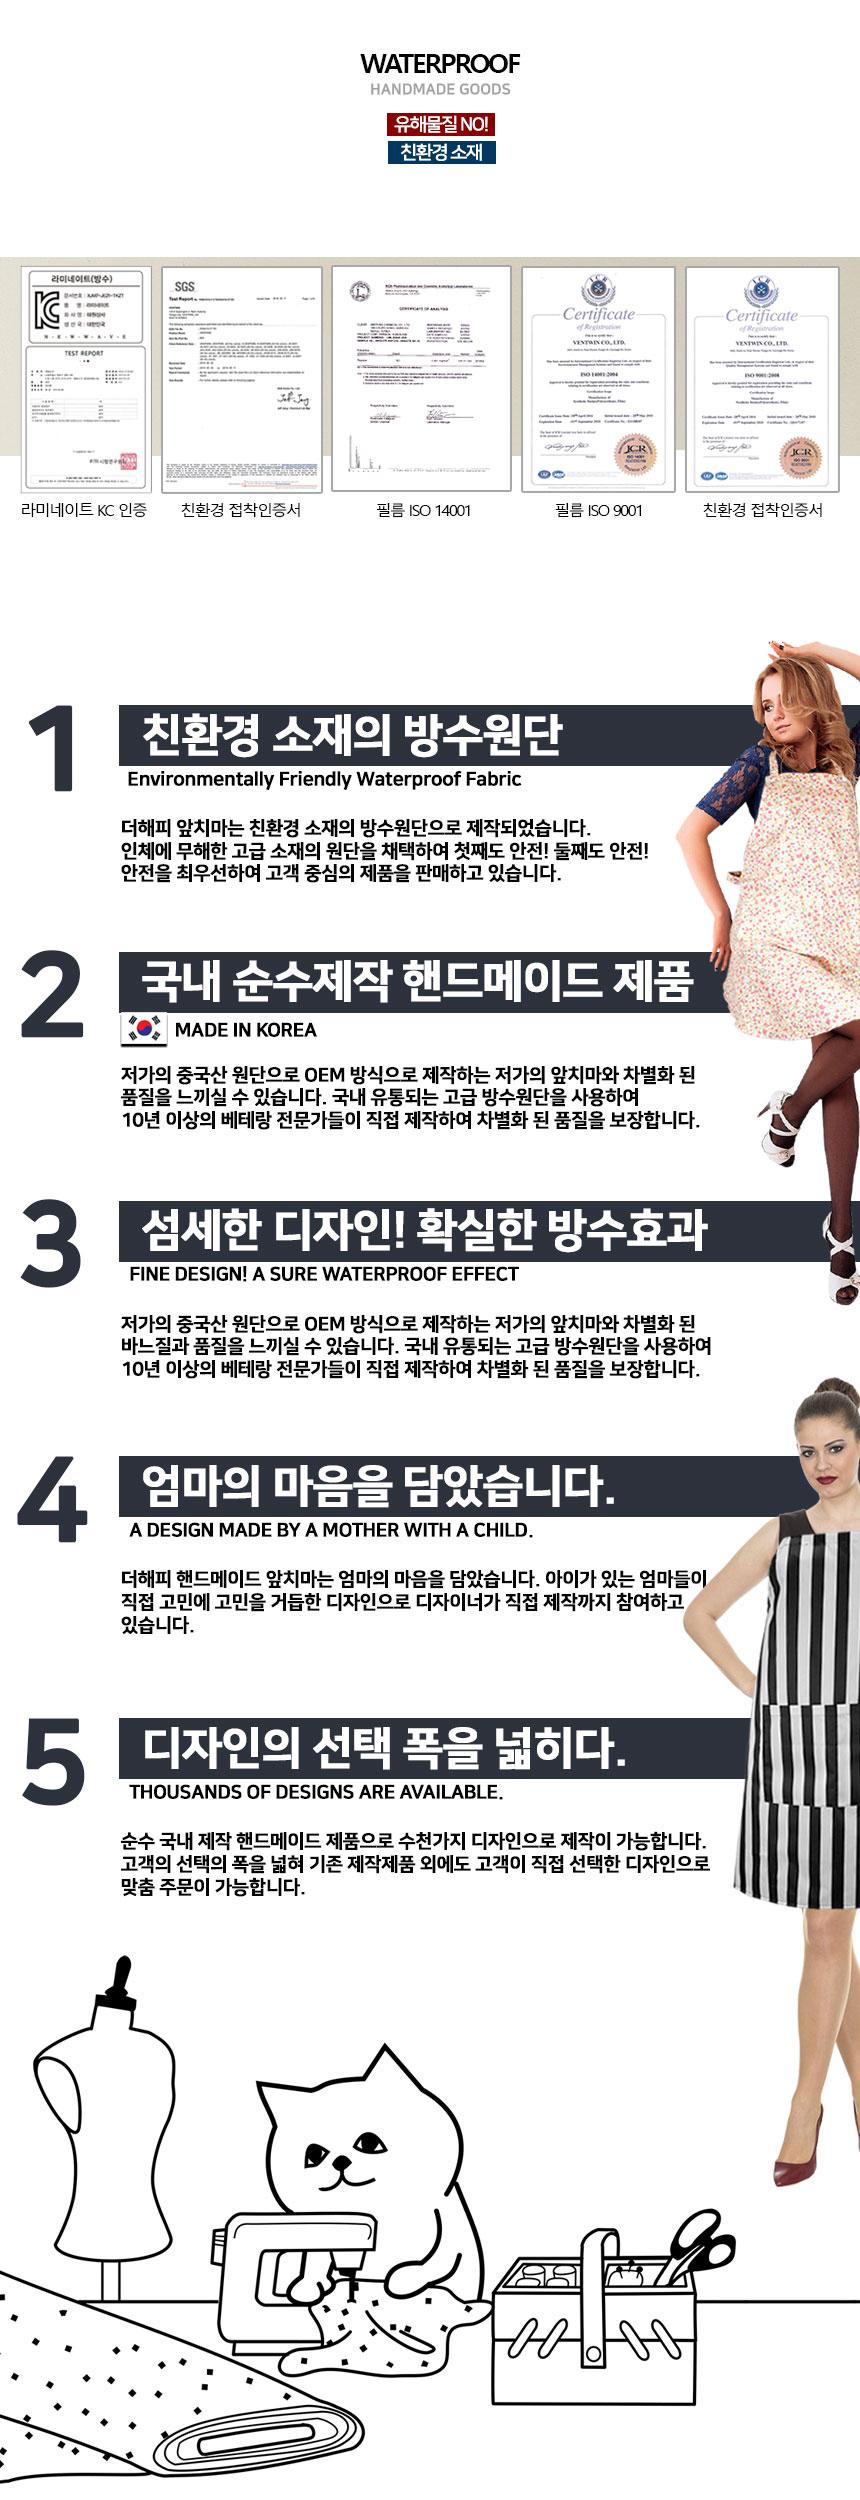 더해피 핸드메이드 성인 위생 방수 턱받이 - 더해피, 4,900원, 앞치마, 원피스 앞치마